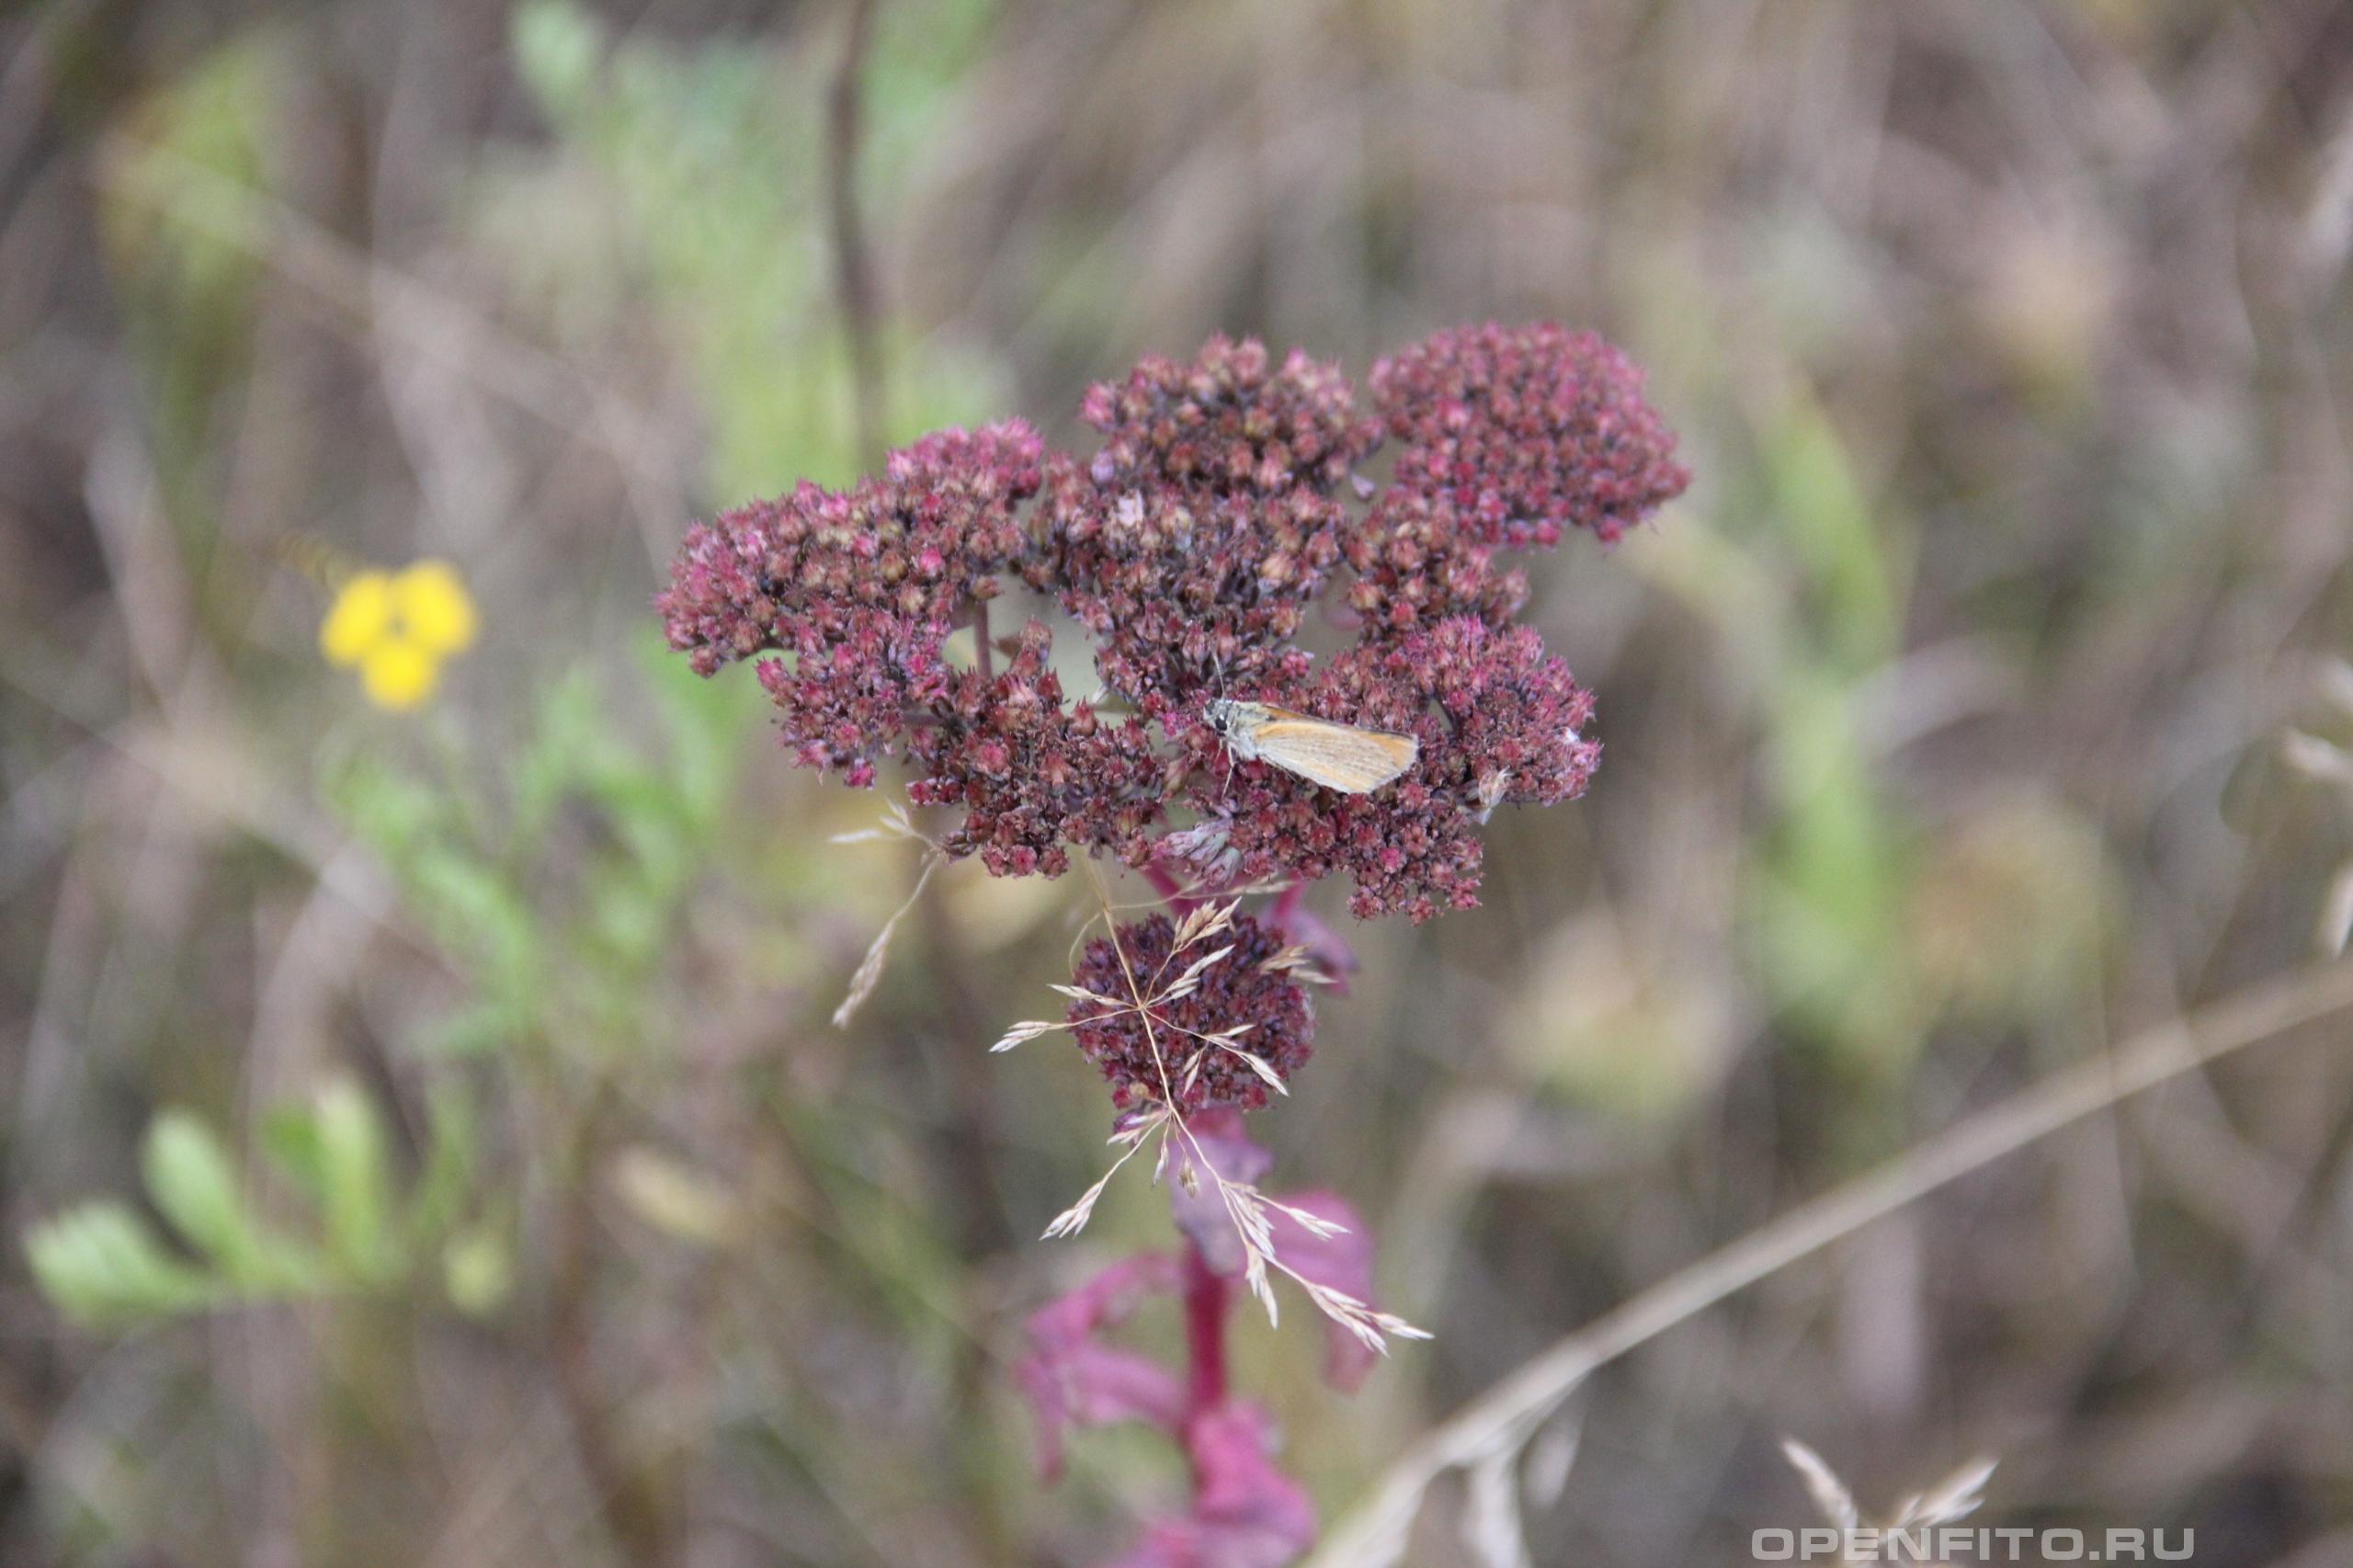 Очиток пурпурный растение во время цветения и сбора лекарственного сырья